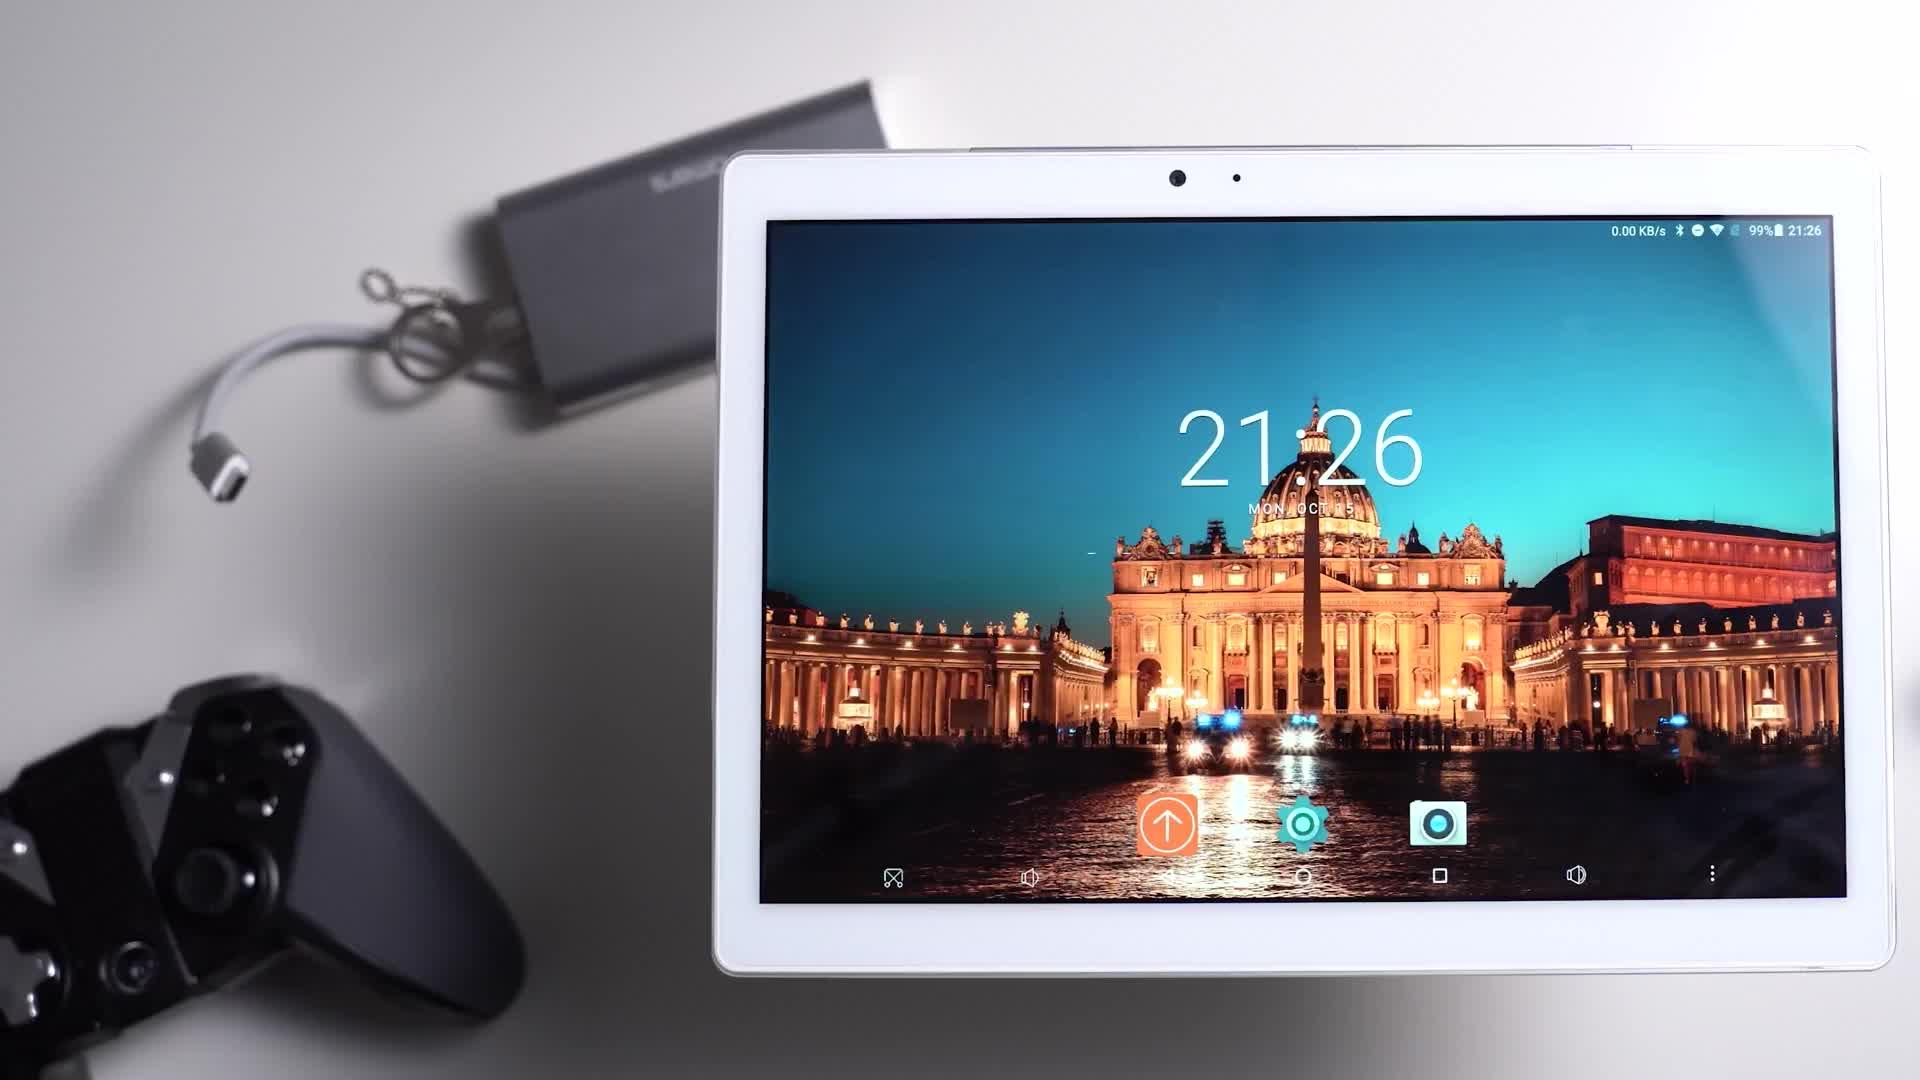 Android, Tablet, Test, Andrzej Tokarski, Tabletblog, Android Nougat, Teclast, Teclast T20